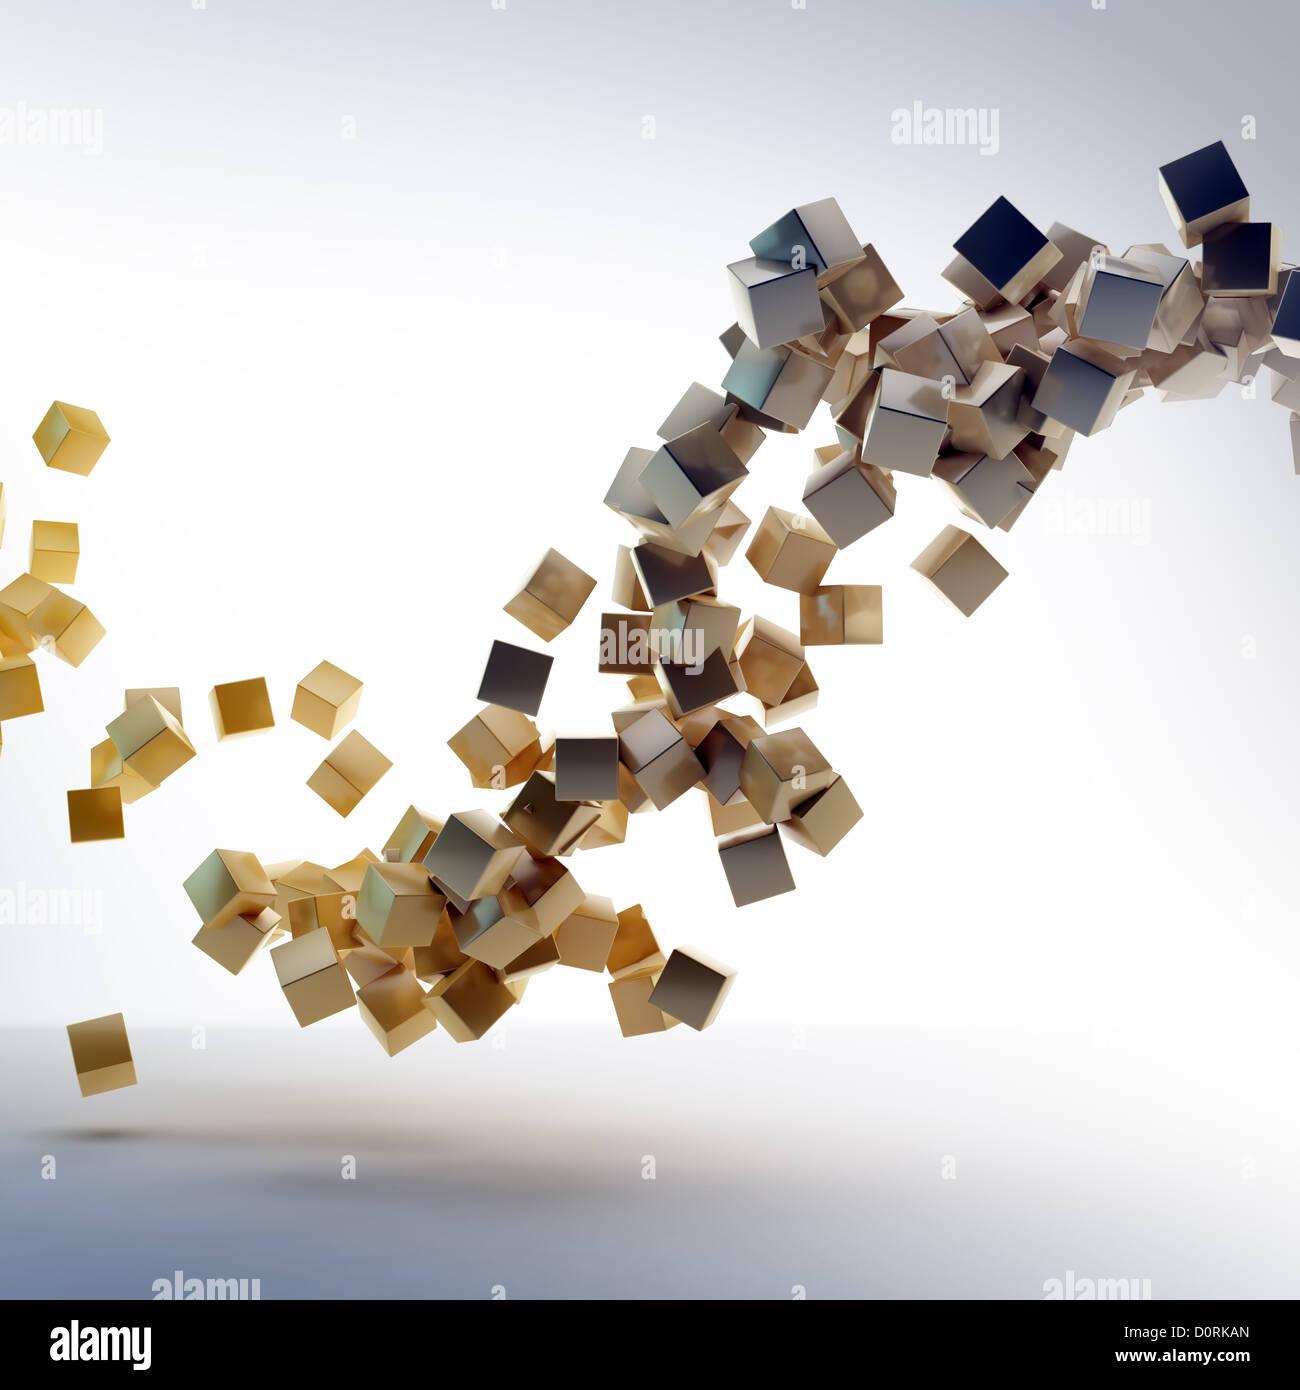 flying shiny cubes - Stock Image